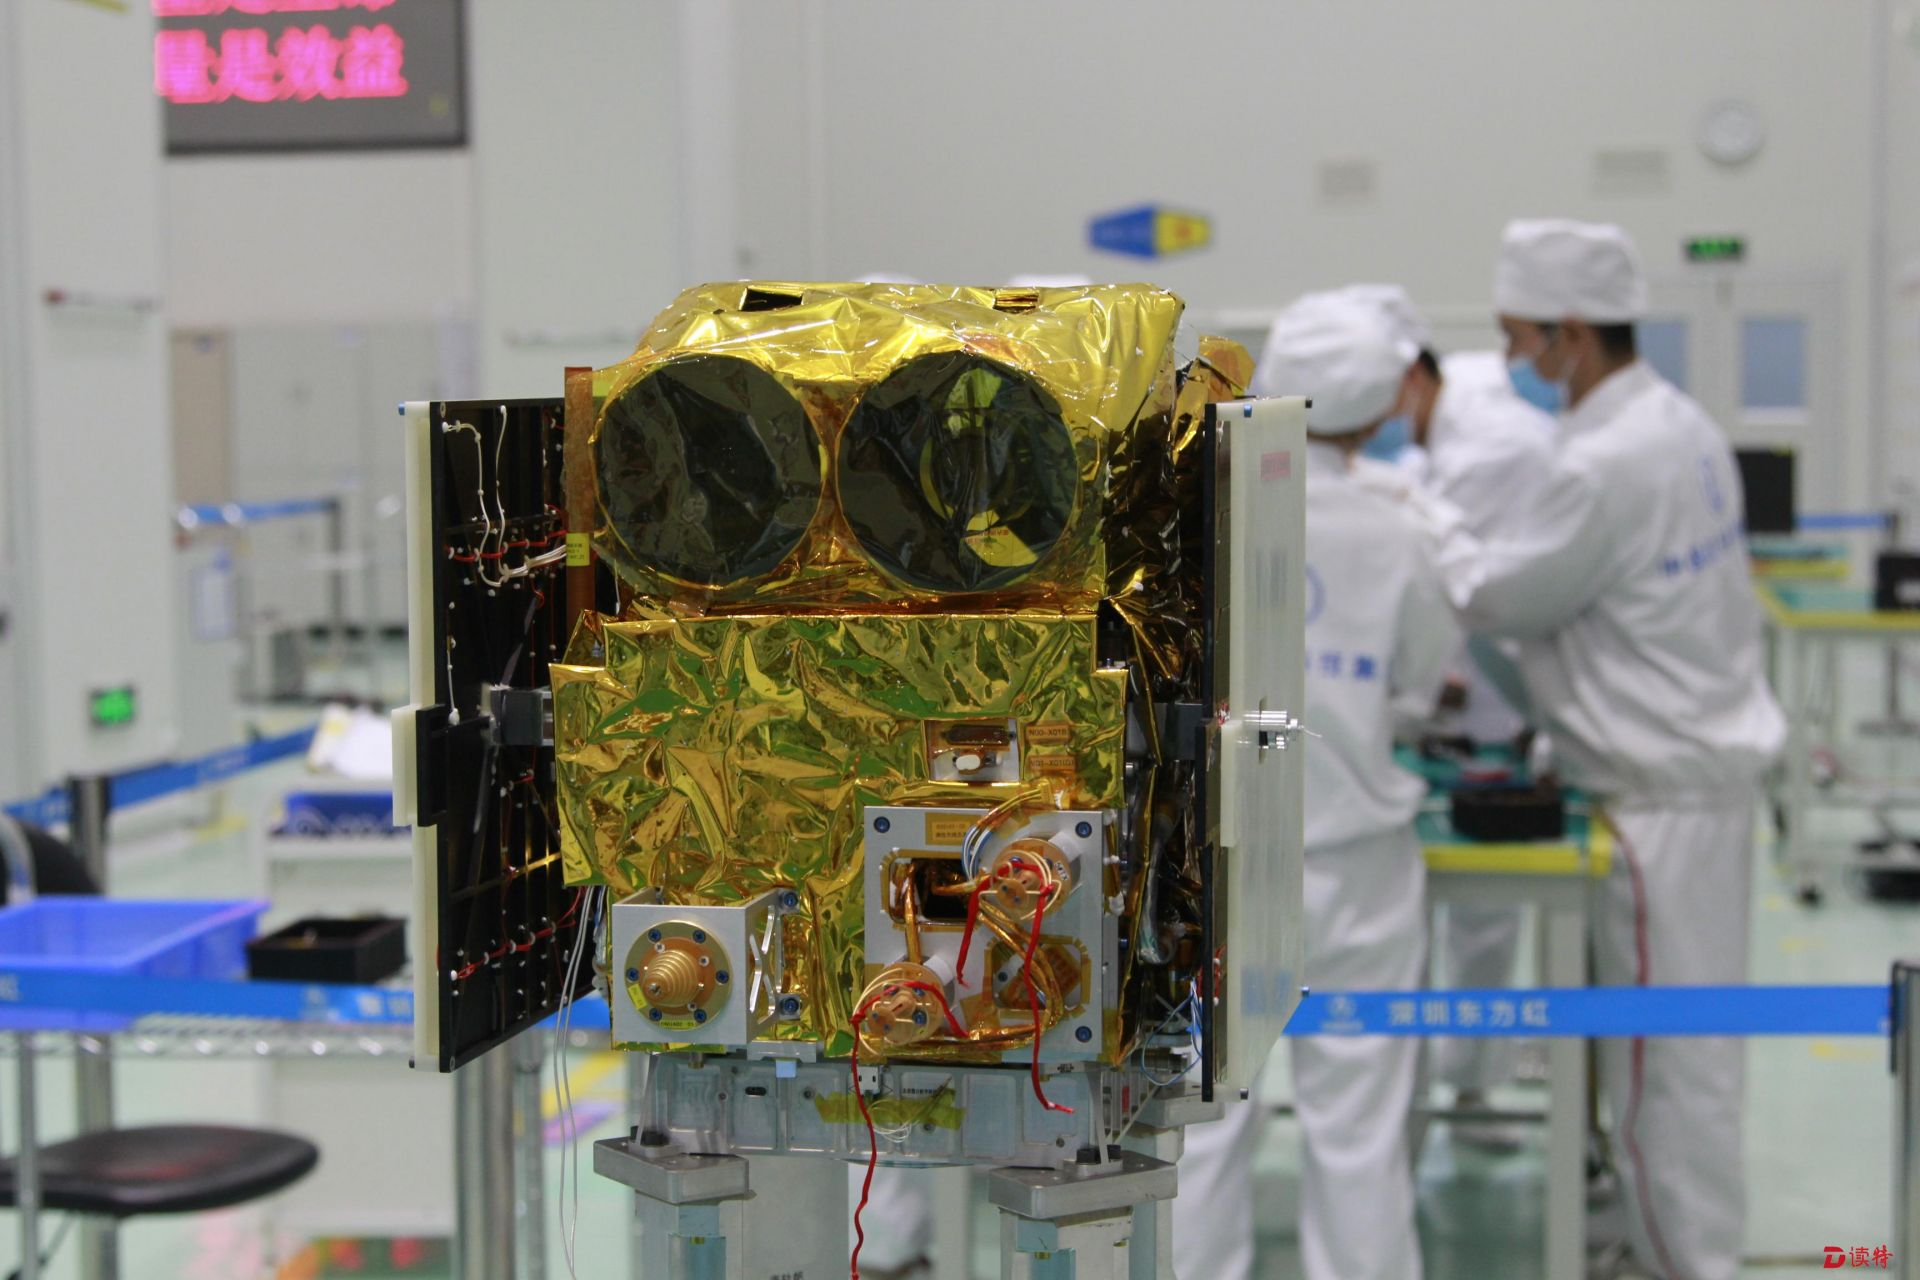 深圳制造中國首顆極地遙感專用衛星 預計今年9月發射升空